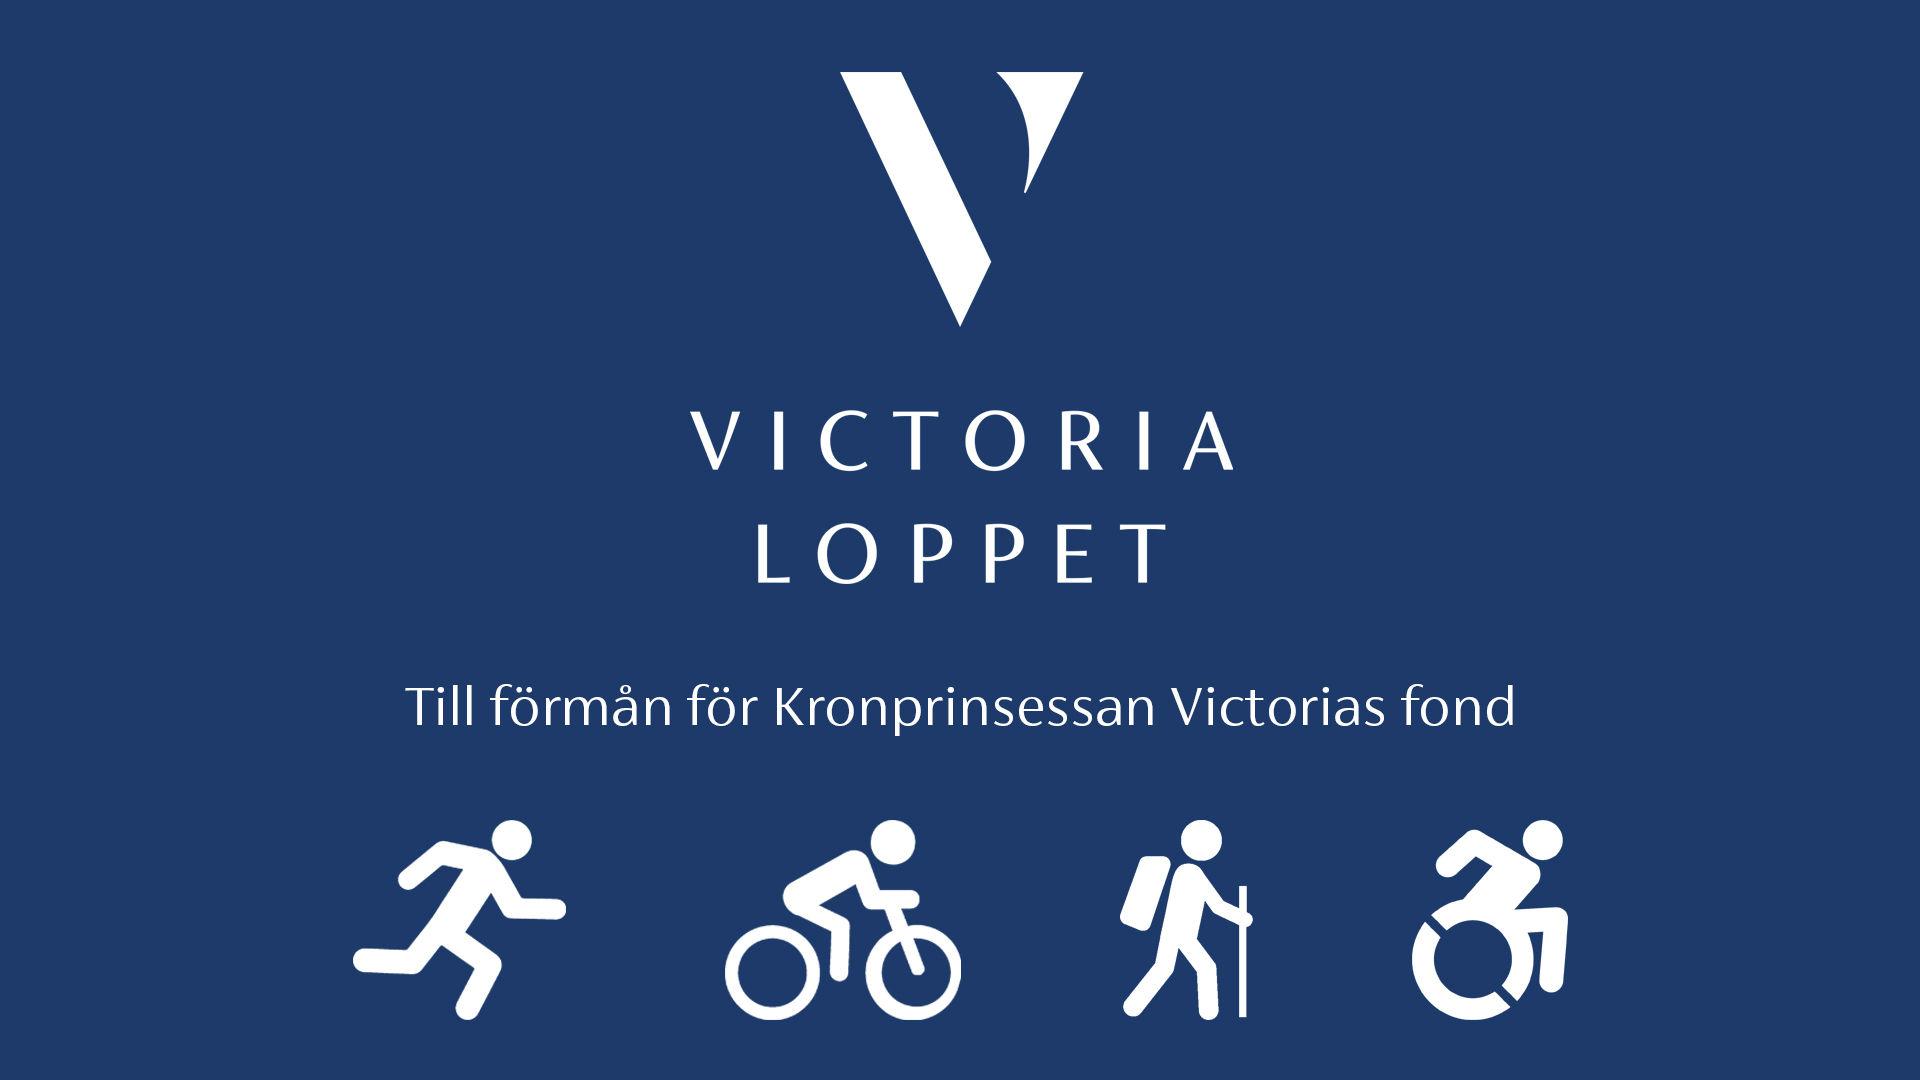 Victorialoppet löpning/vandring 2 km